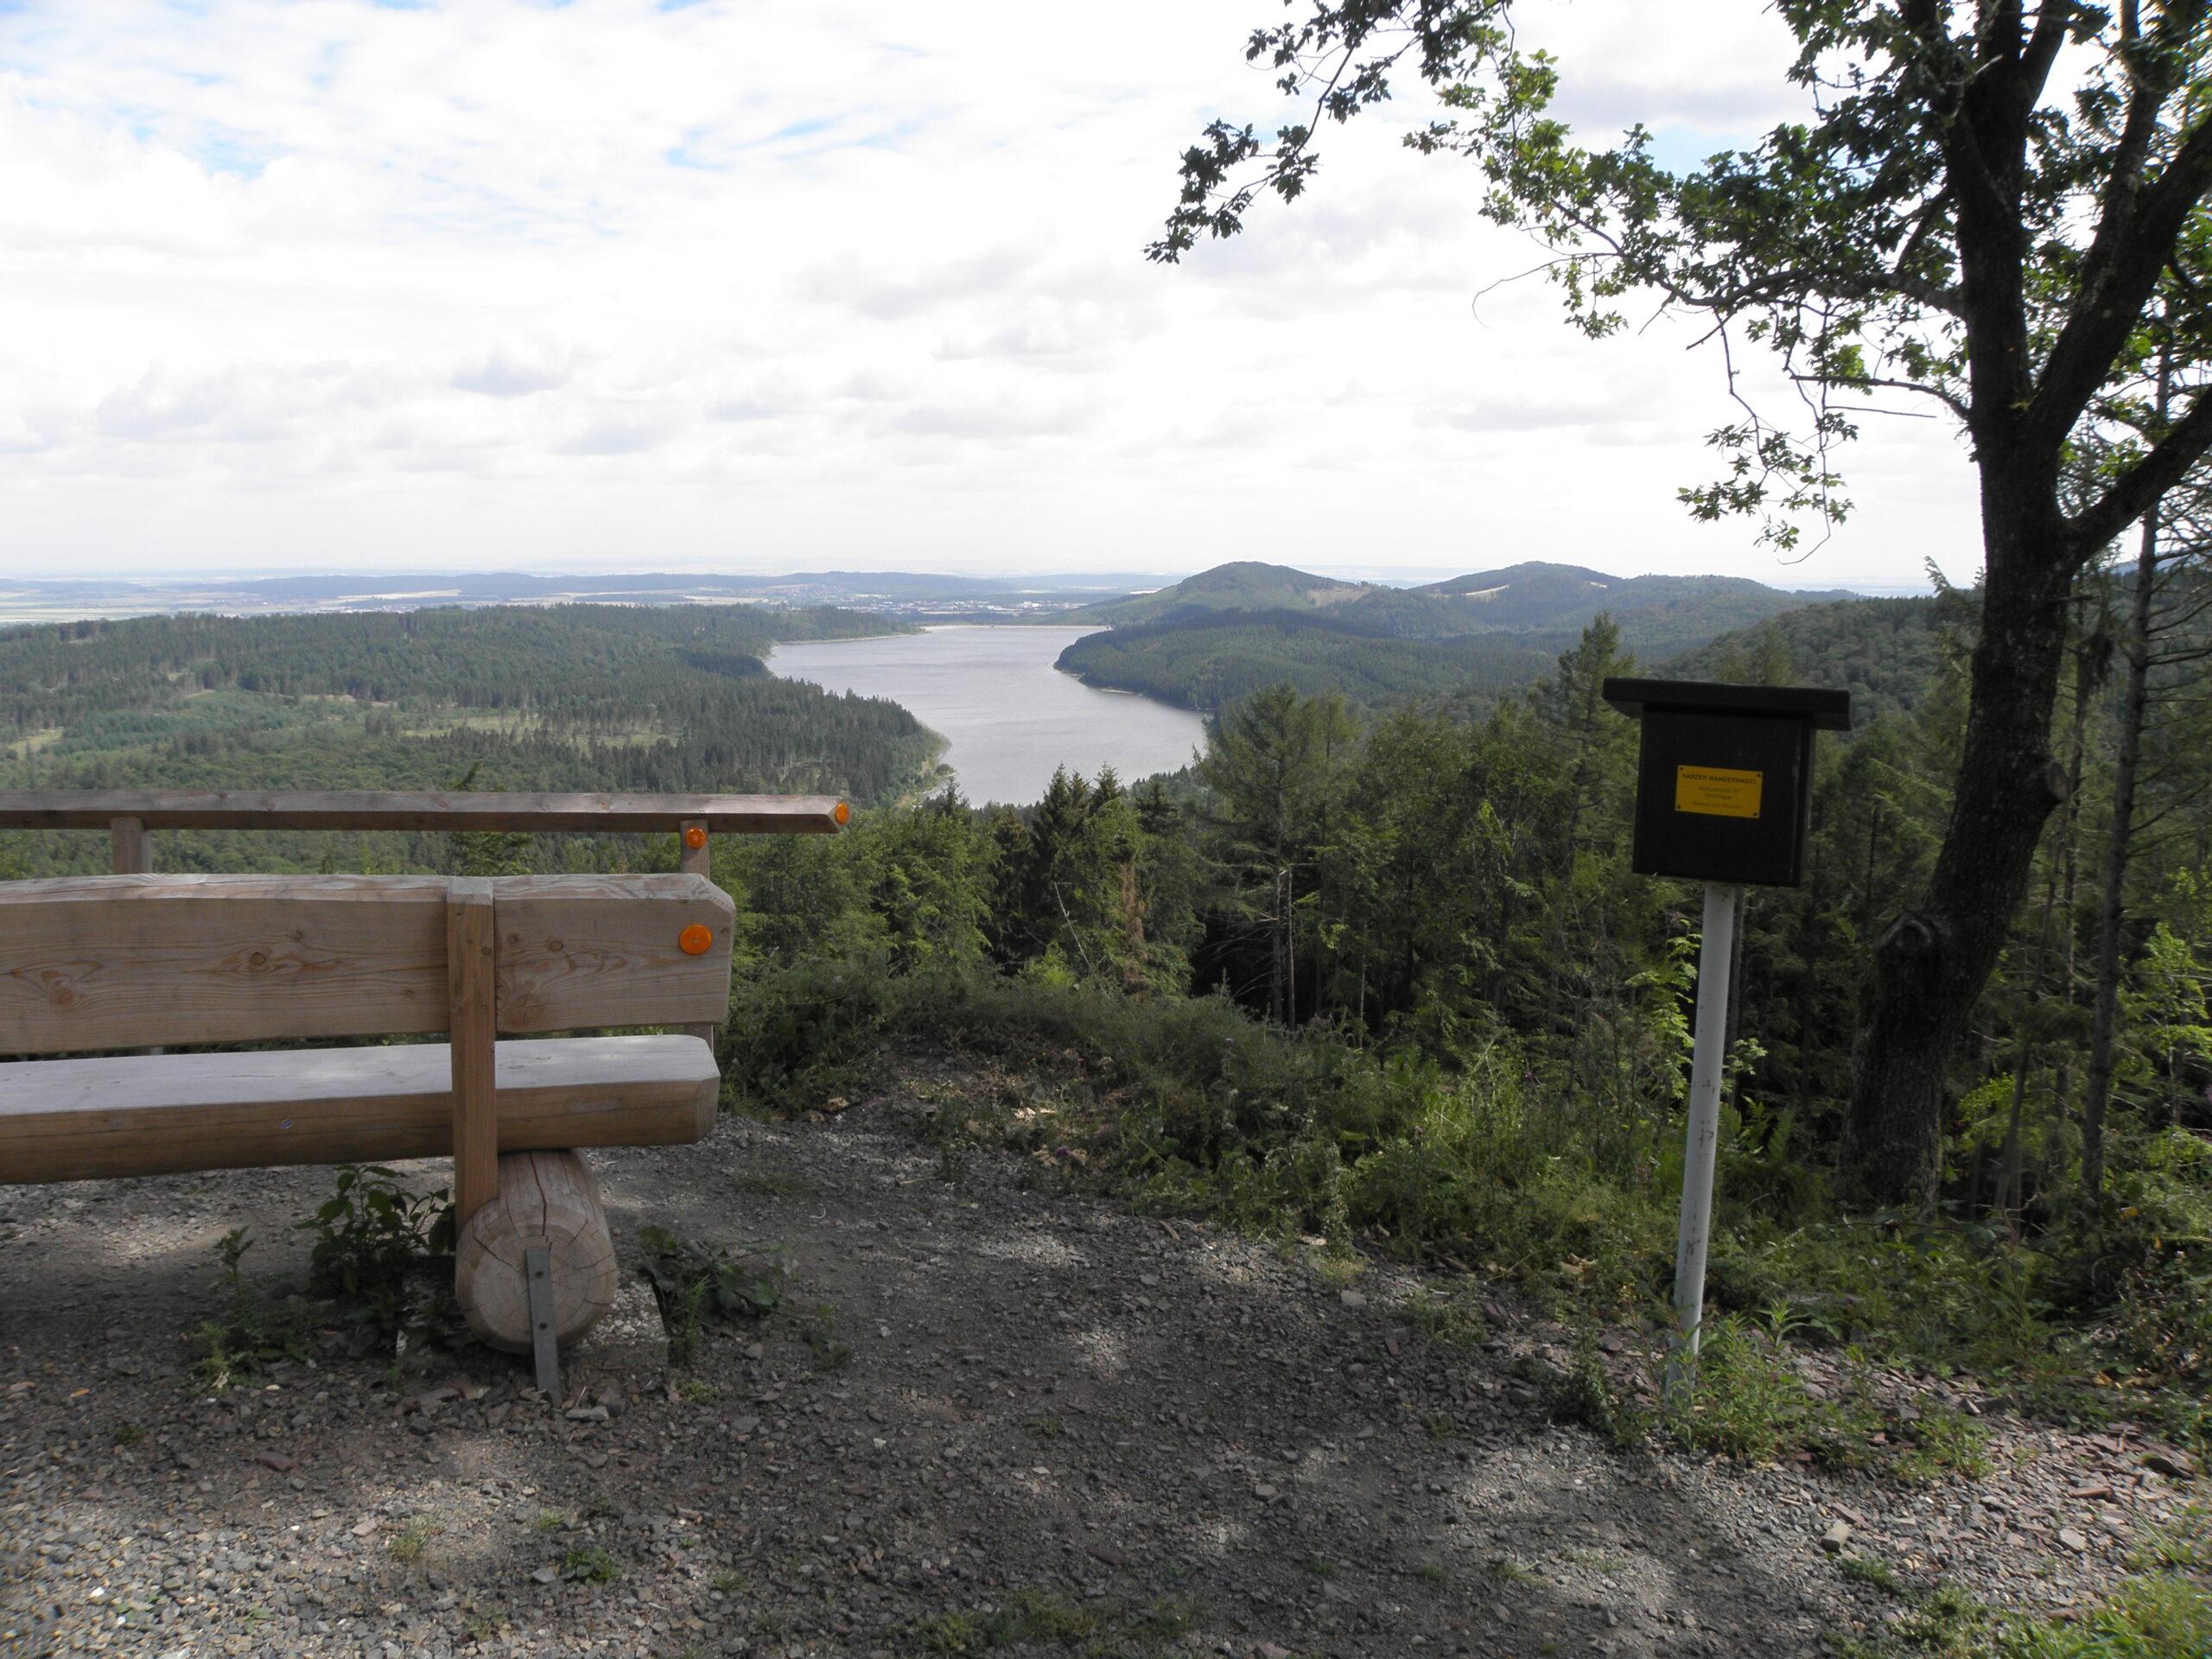 Neben einer rustikalen Holzbank steht ein grüner Kasten. Dies ist ein Stempelkasten für die Harzer Wandernadel.Der Wanderer geniesst einen weiten, freien Blick über einen Seitenarm der Granatalsperre nach Norden in das Harzvorland.